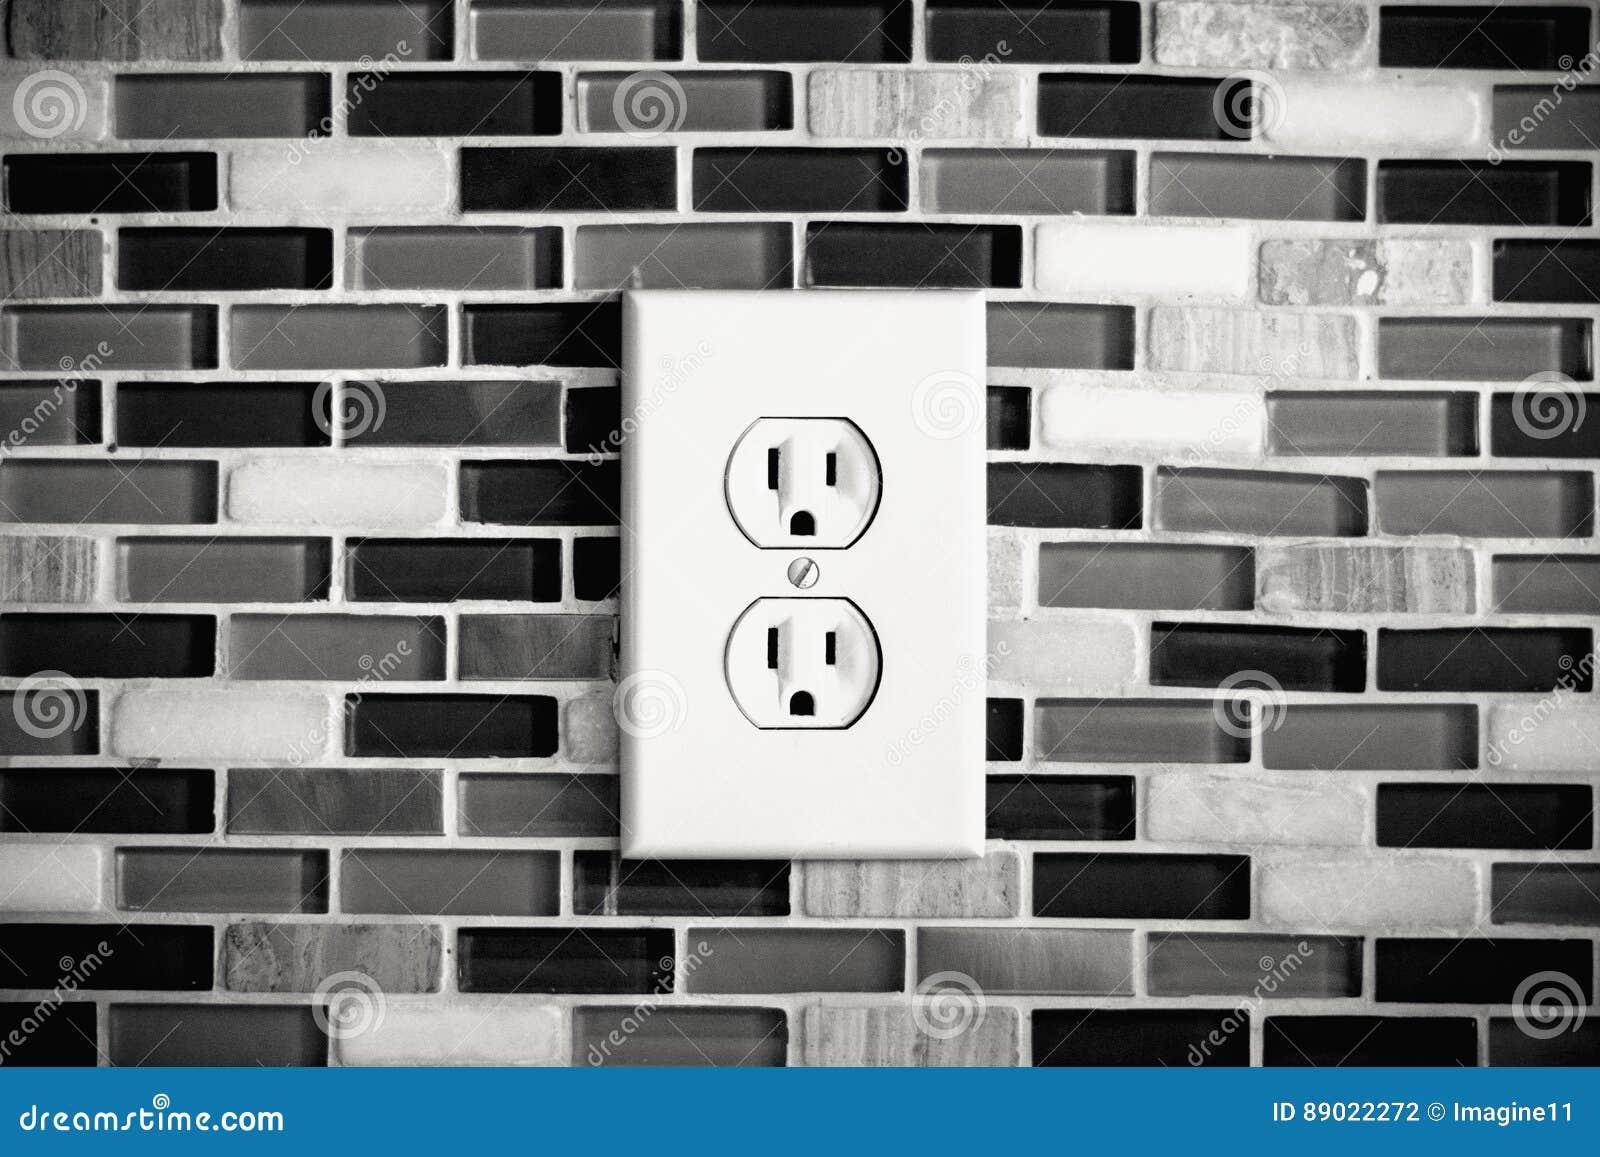 Ηλεκτρική έξοδος που τίθεται σε ένα σύγχρονο σκηνικό κουζινών